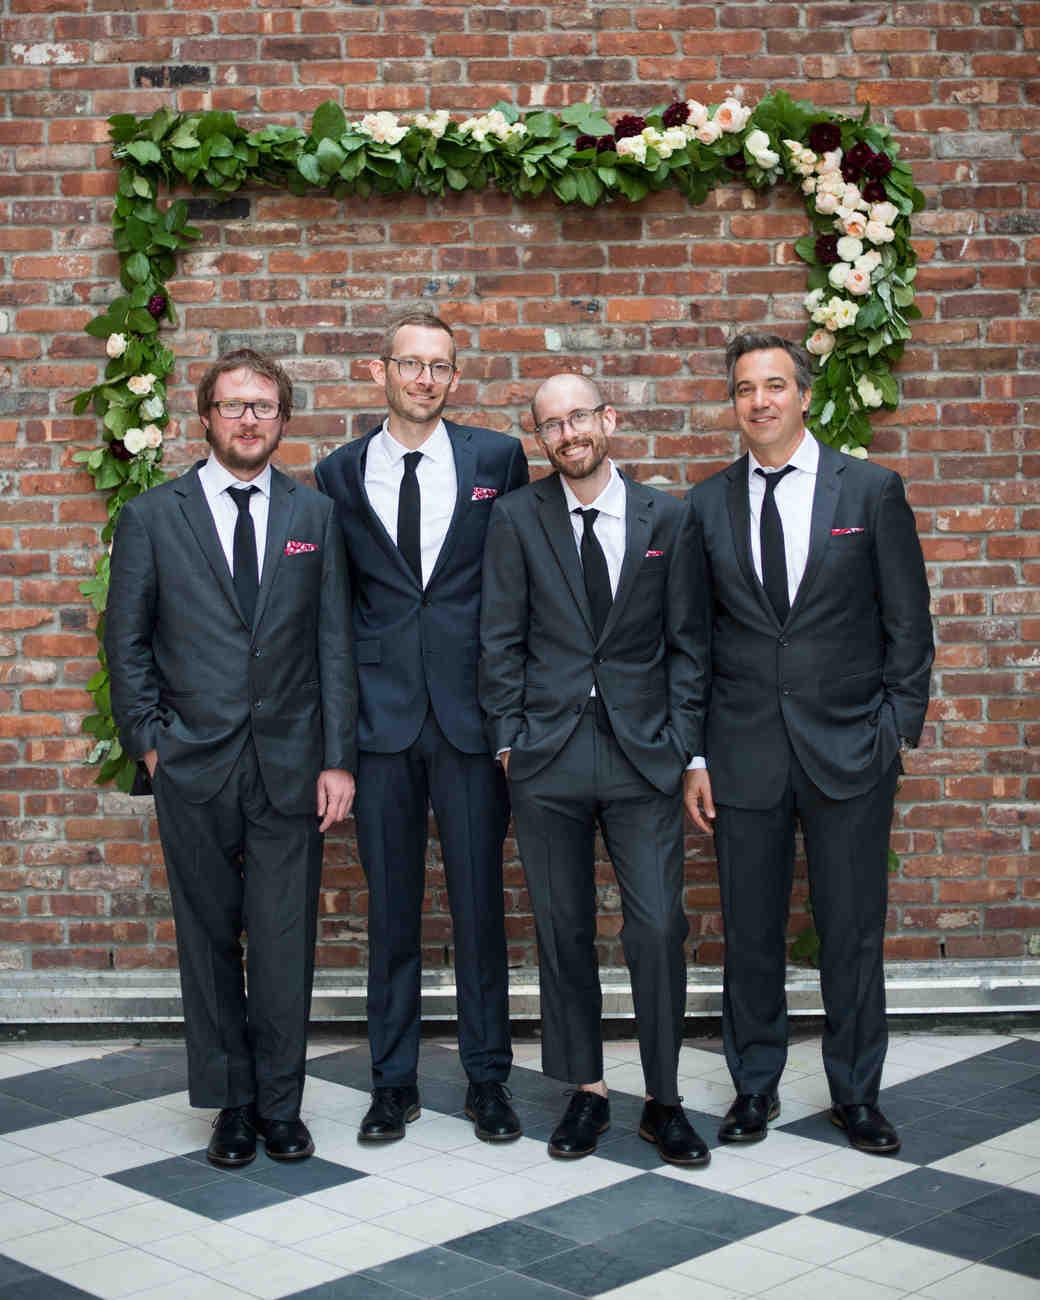 caitlin-michael-wedding-groomsmen-199-s111835-0415.jpg